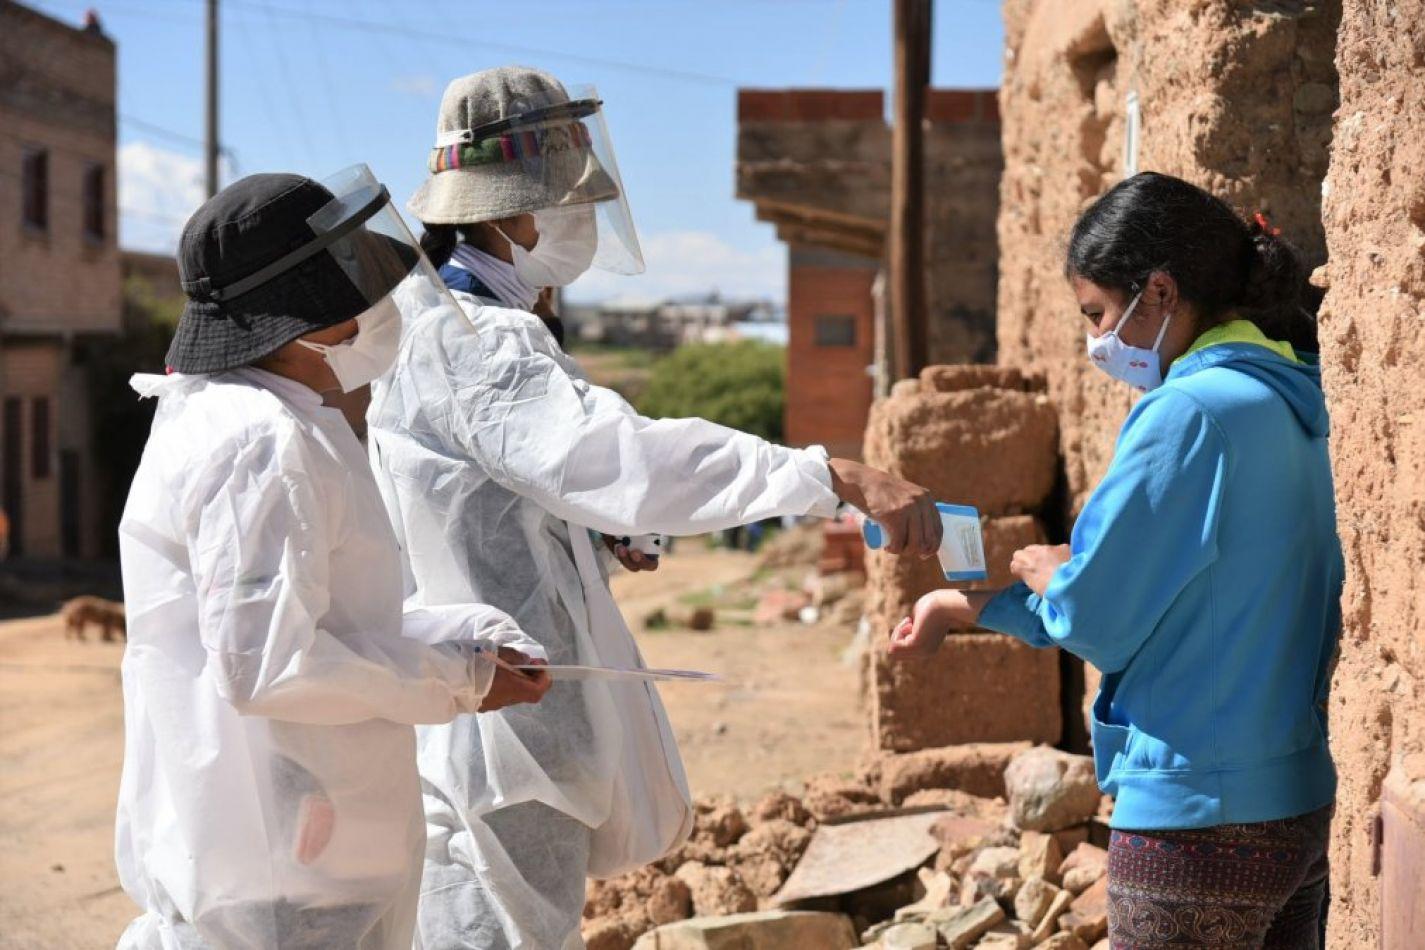 Aumento repentino de casos de covid 19: hubo 51 nuevos contagios en Jujuy